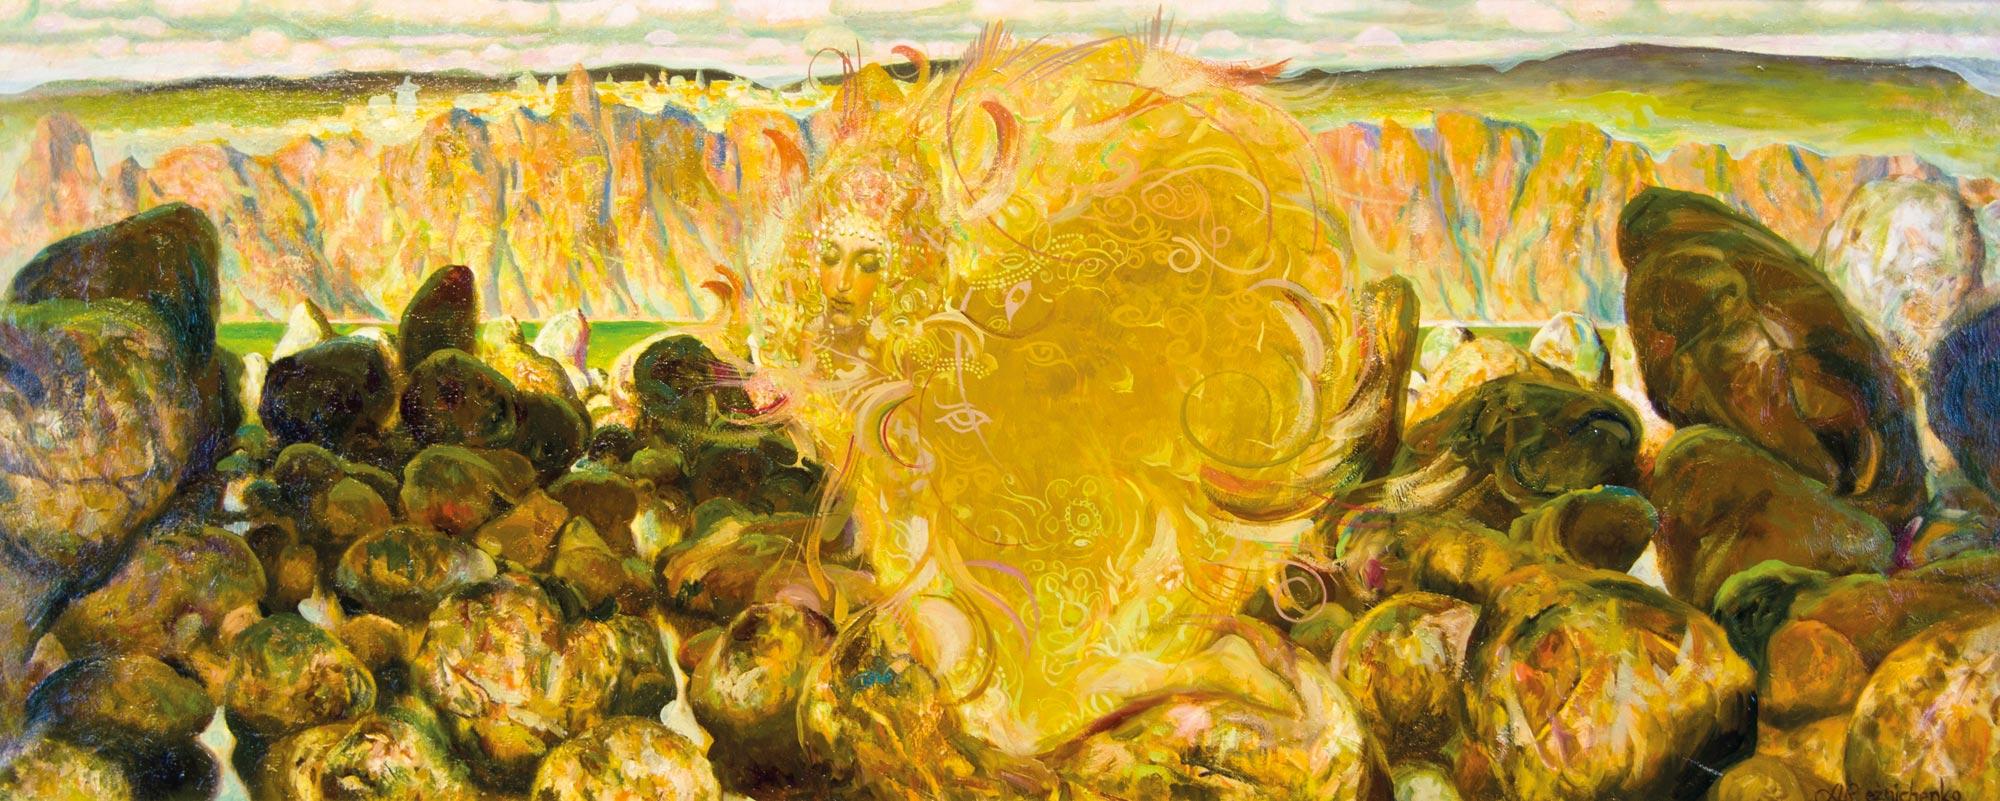 21.-Reznichenko-Aleksandr-(1968)---Schwanenprinzessin------1995----50-x-120-cm----Öl-auf-Lwd_bearbeitet